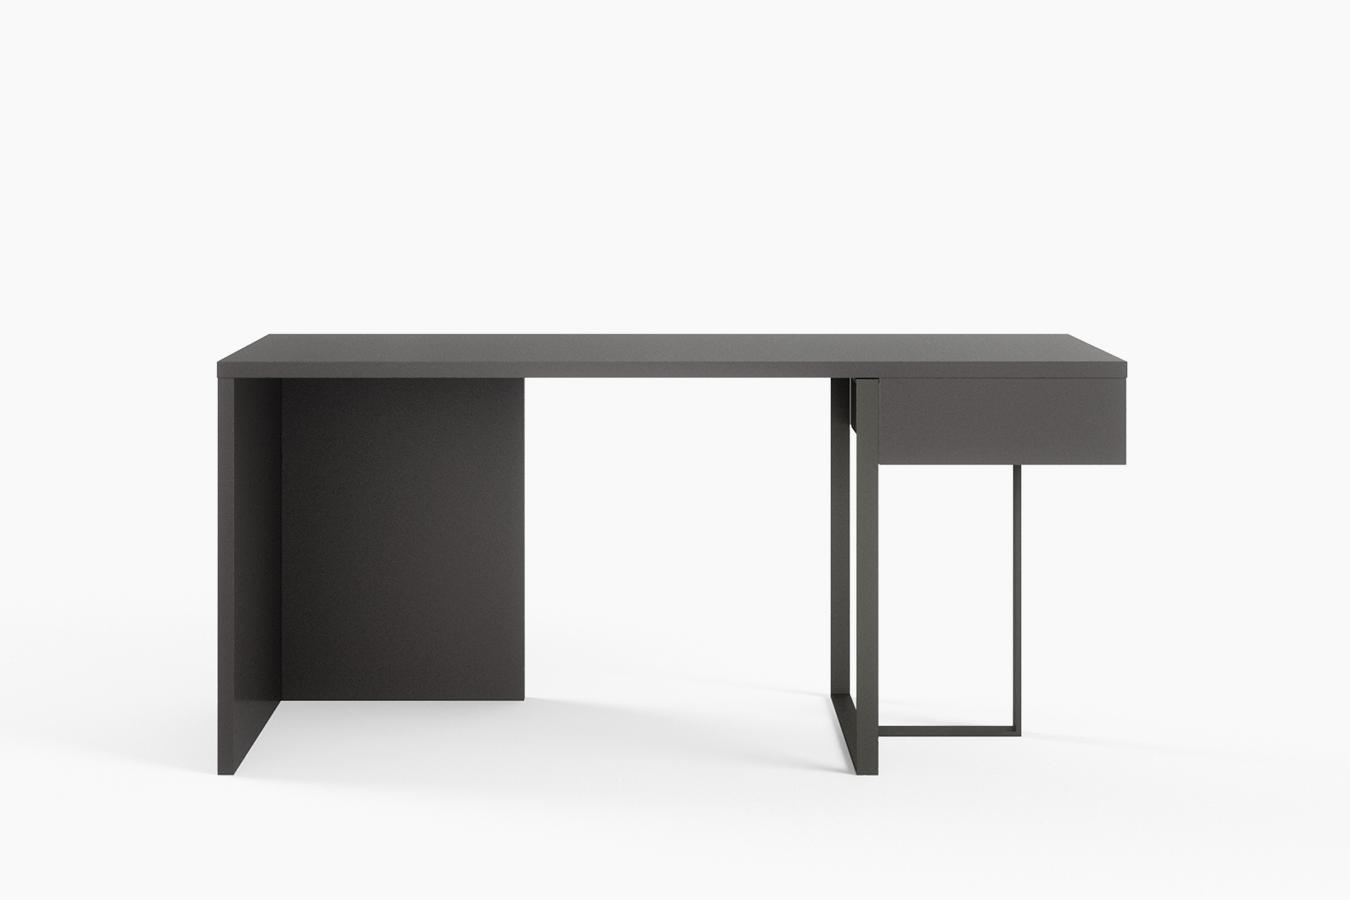 Bureaux et consoles Desk